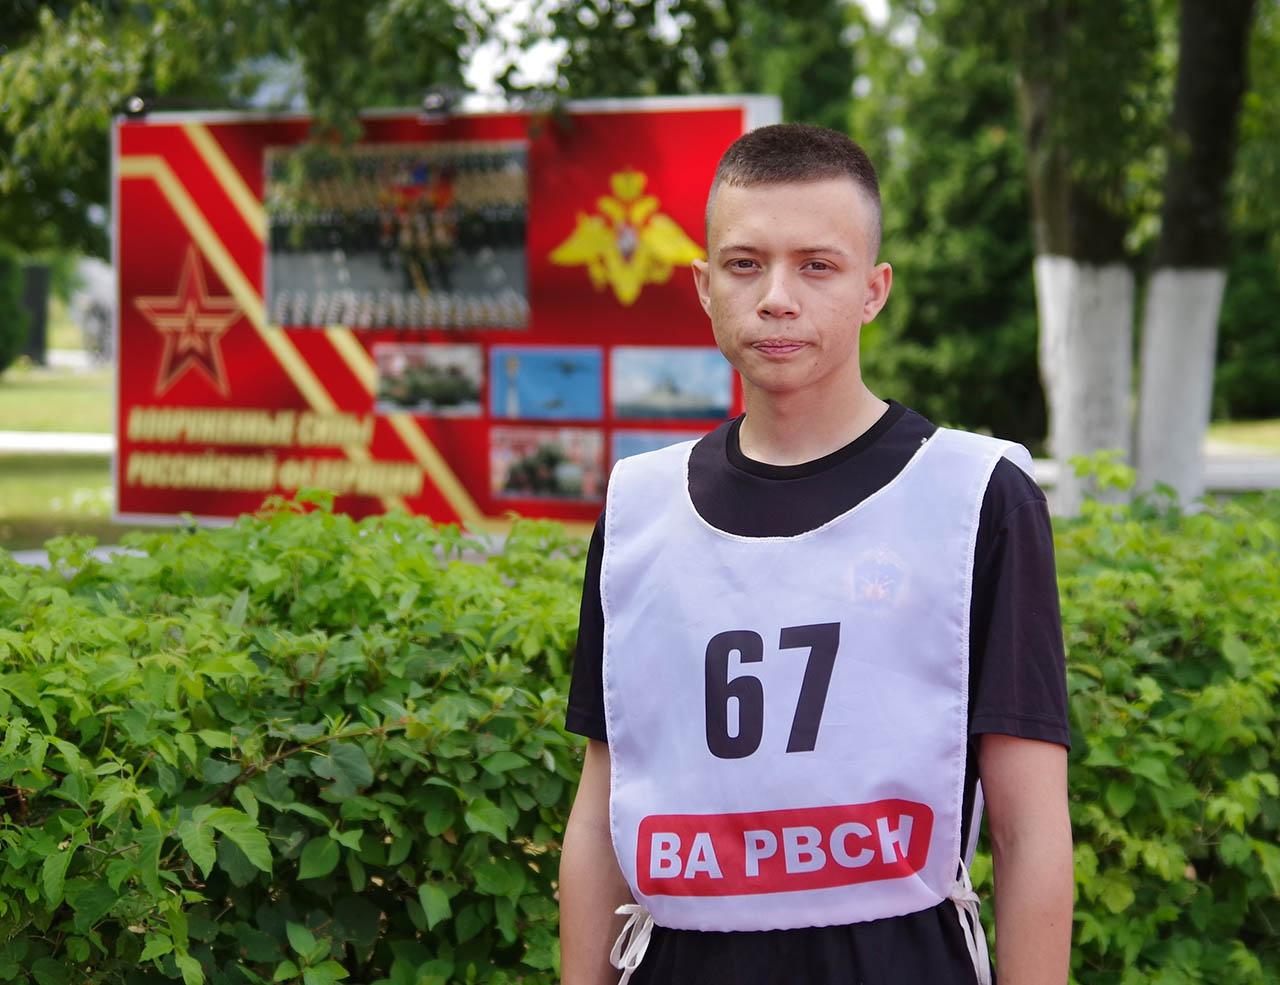 Продолжатель офицерской династии Кирилл Евдокимов собирается поступать на факультет робототехники военного и специального назначения в Военную академию РВСН.